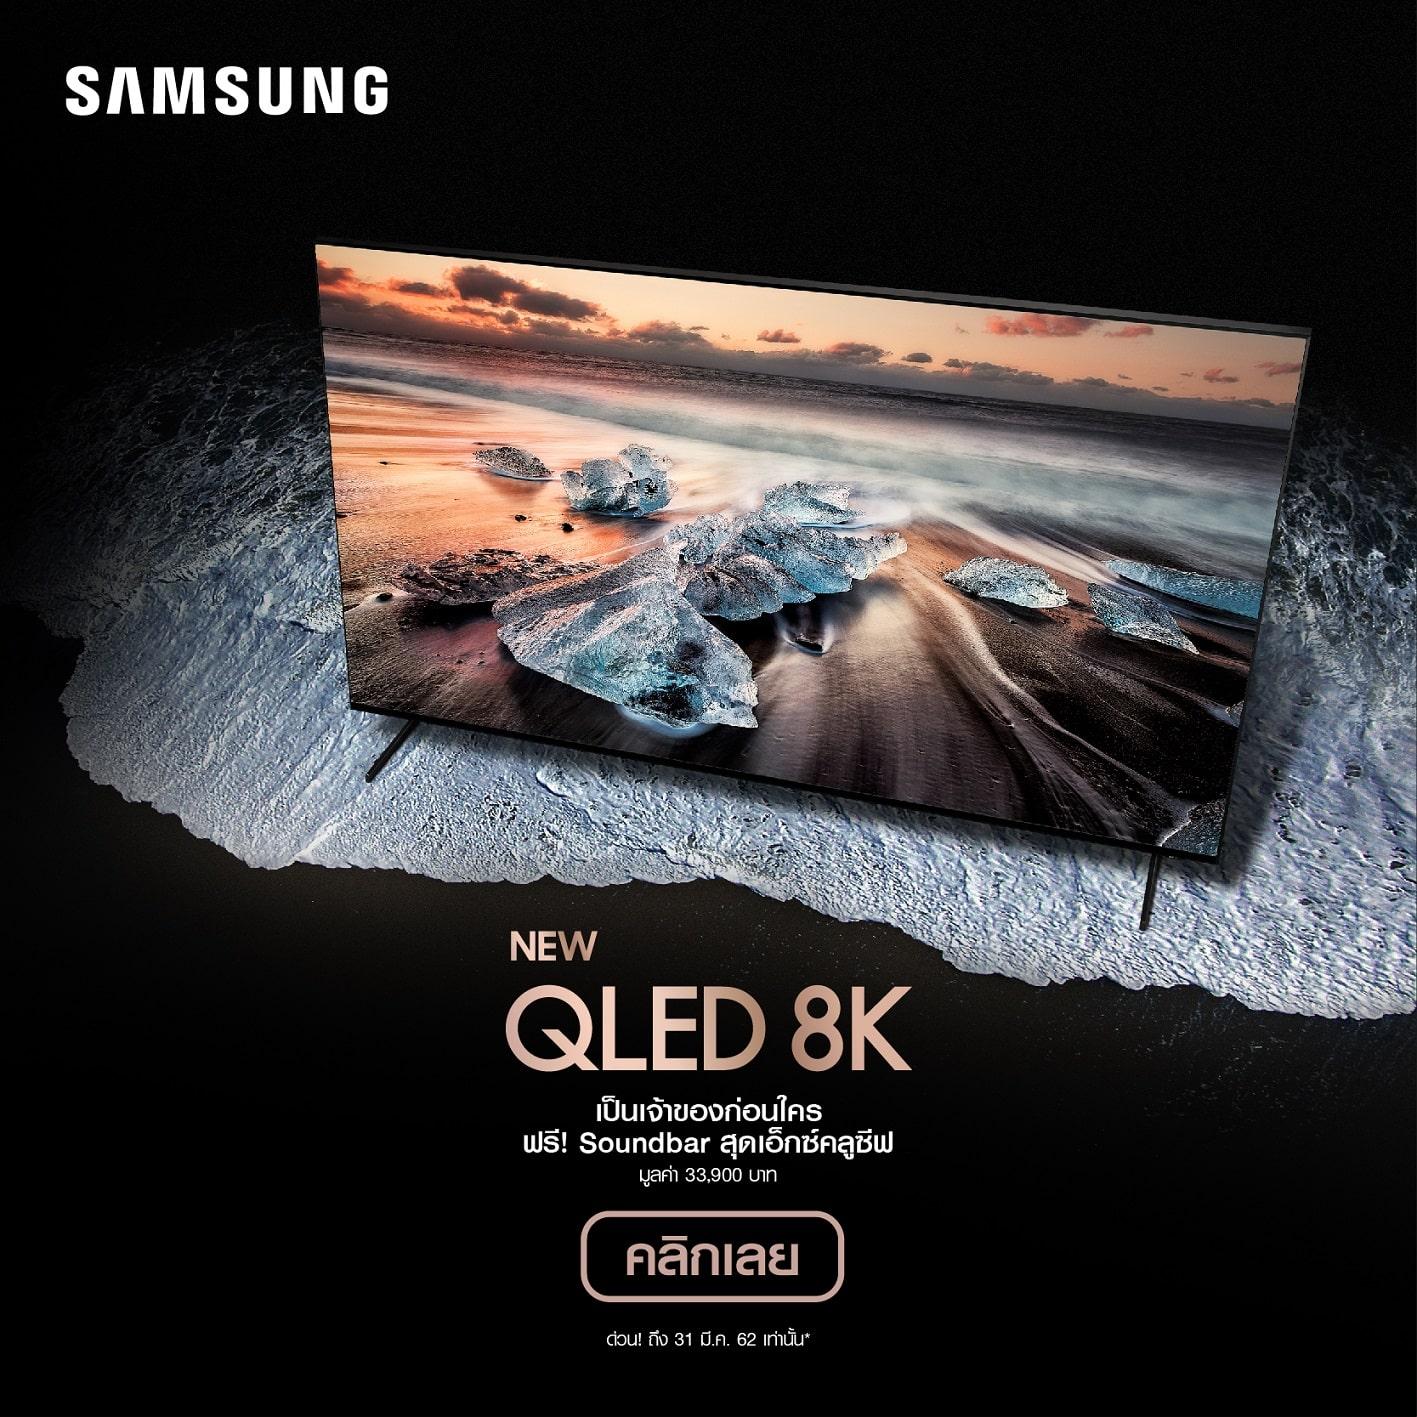 QLED 8K Pre order 2 - เปิดจอง ซัมซุง คิว แอลอีดี 8K (Samsung QLED 8K) ราคาเริ่มต้น 199,990 บาท ถึง 31 มีนาคมนี้